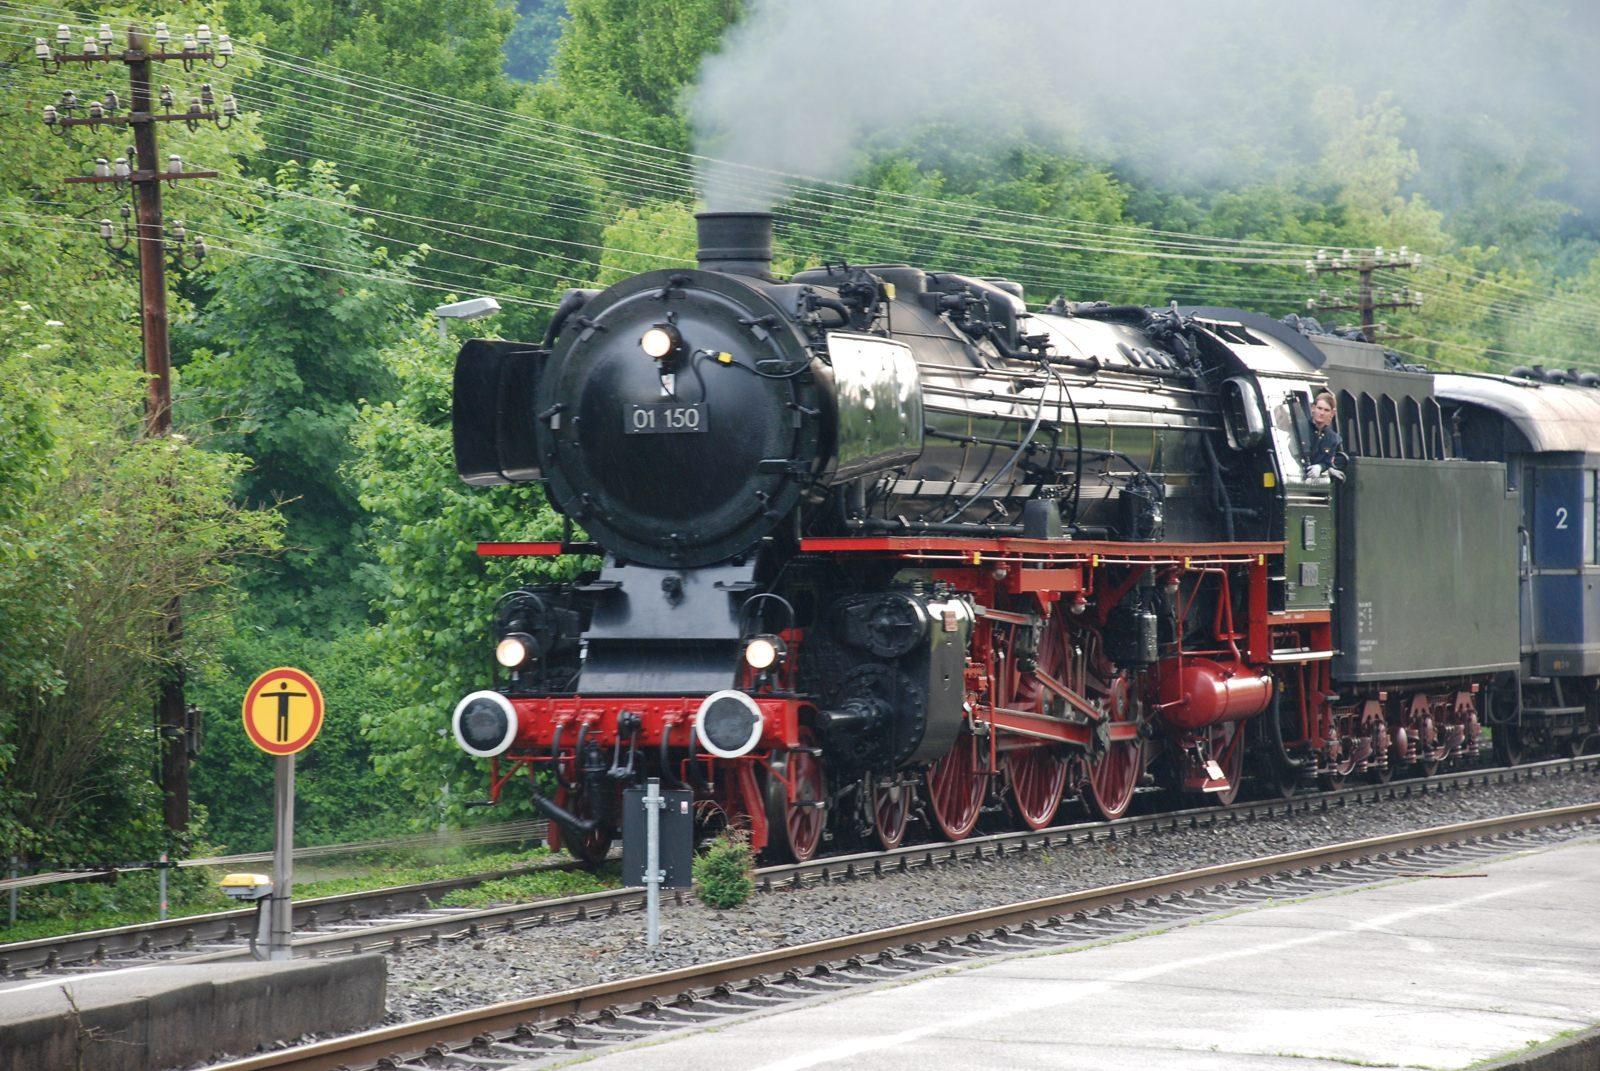 2013LimburgLahn01_1600